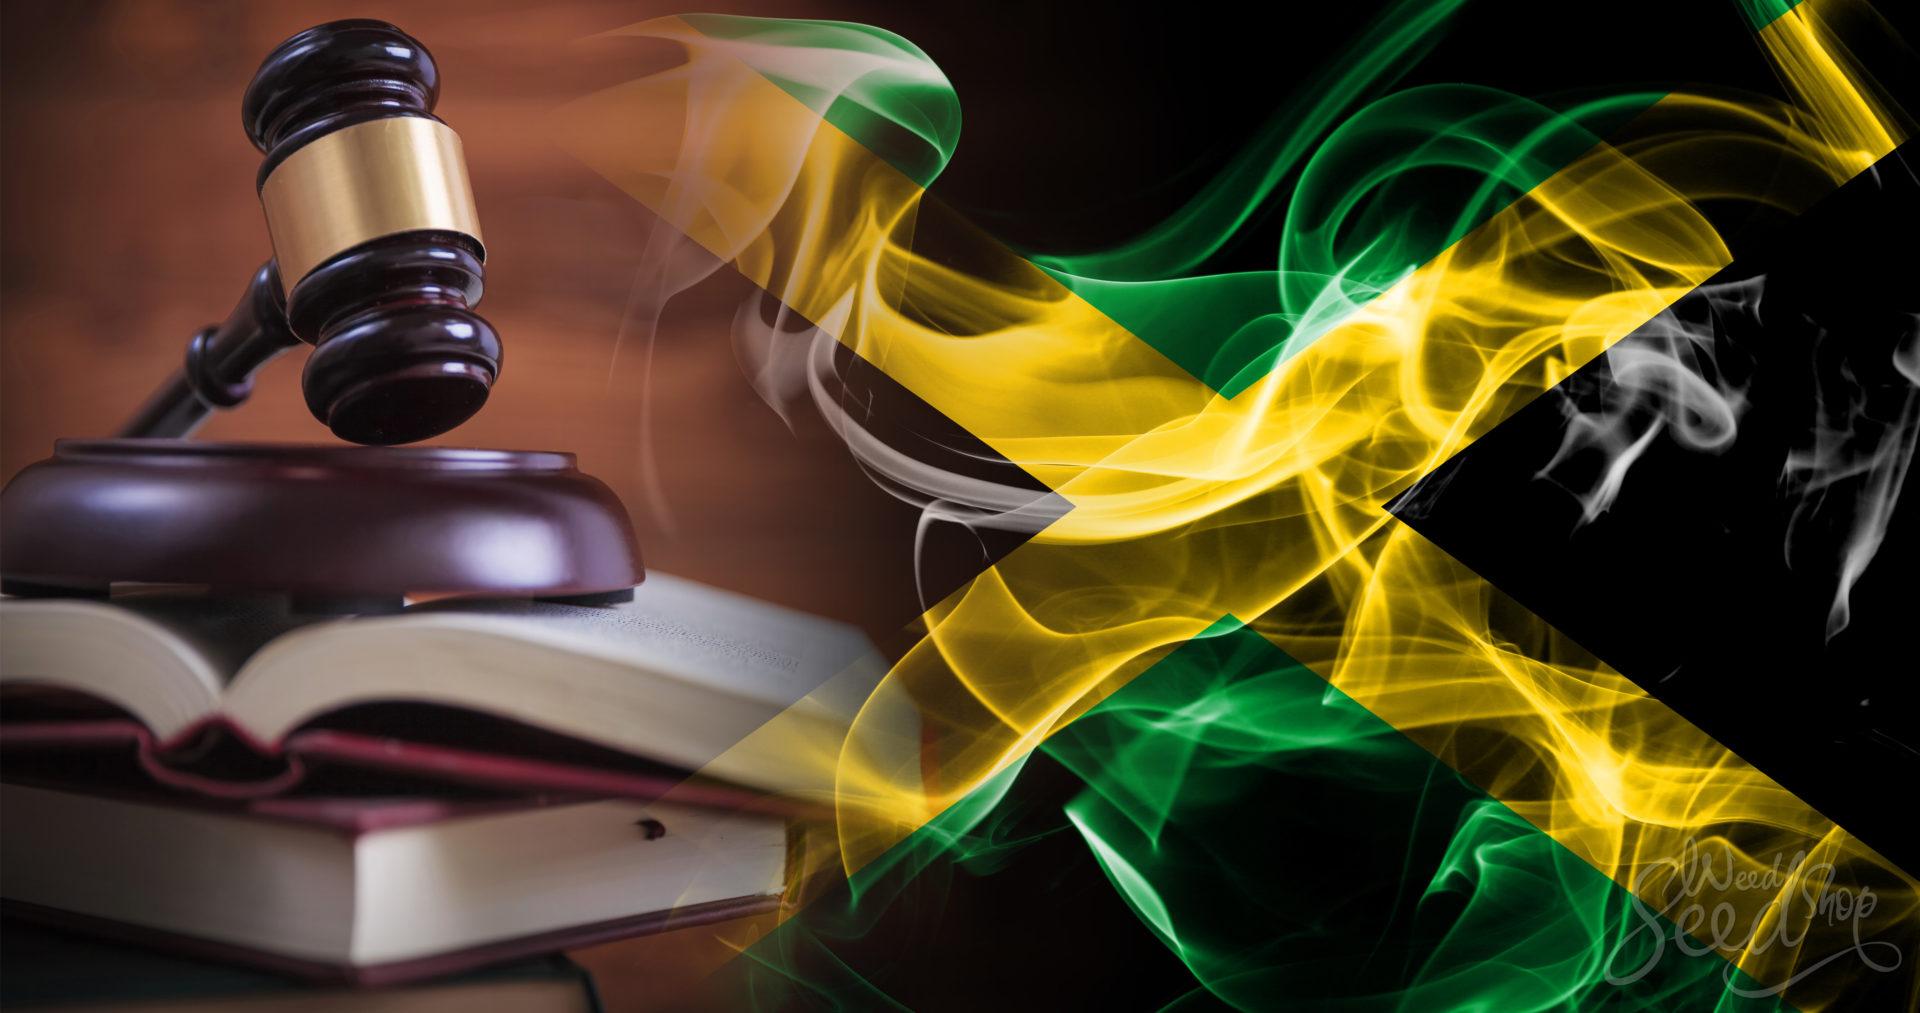 ¿El cannabis es legal en Jamaica? Todo sobre las últimas noticias